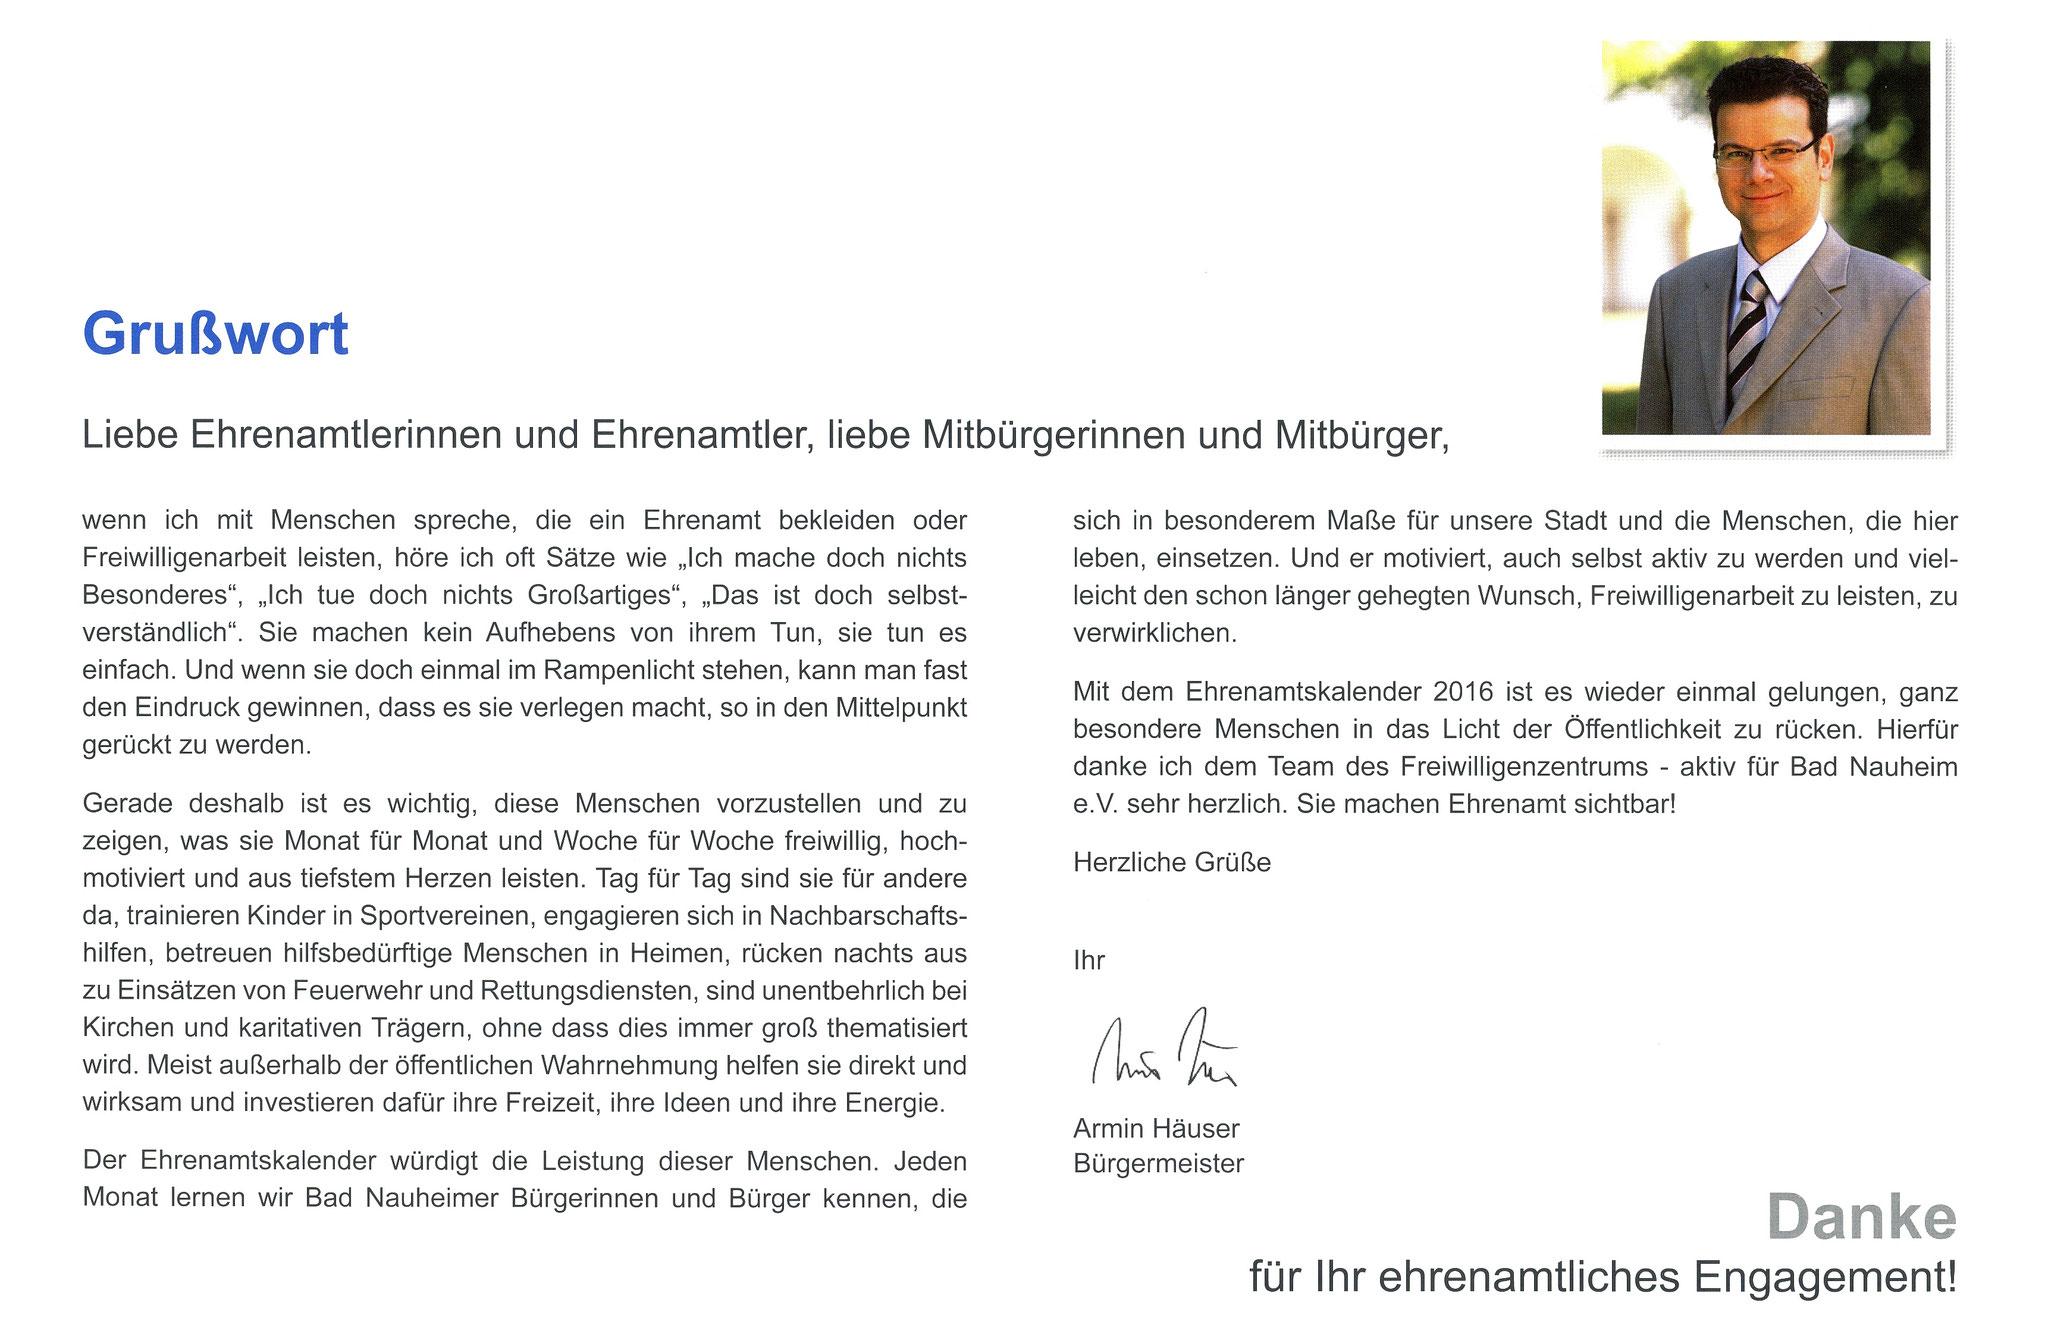 Vorwort Bürgermeister Bad Nauheim - Ehrenamtskalender 2016 des Freiwilligenzentrums Bad Nauheim